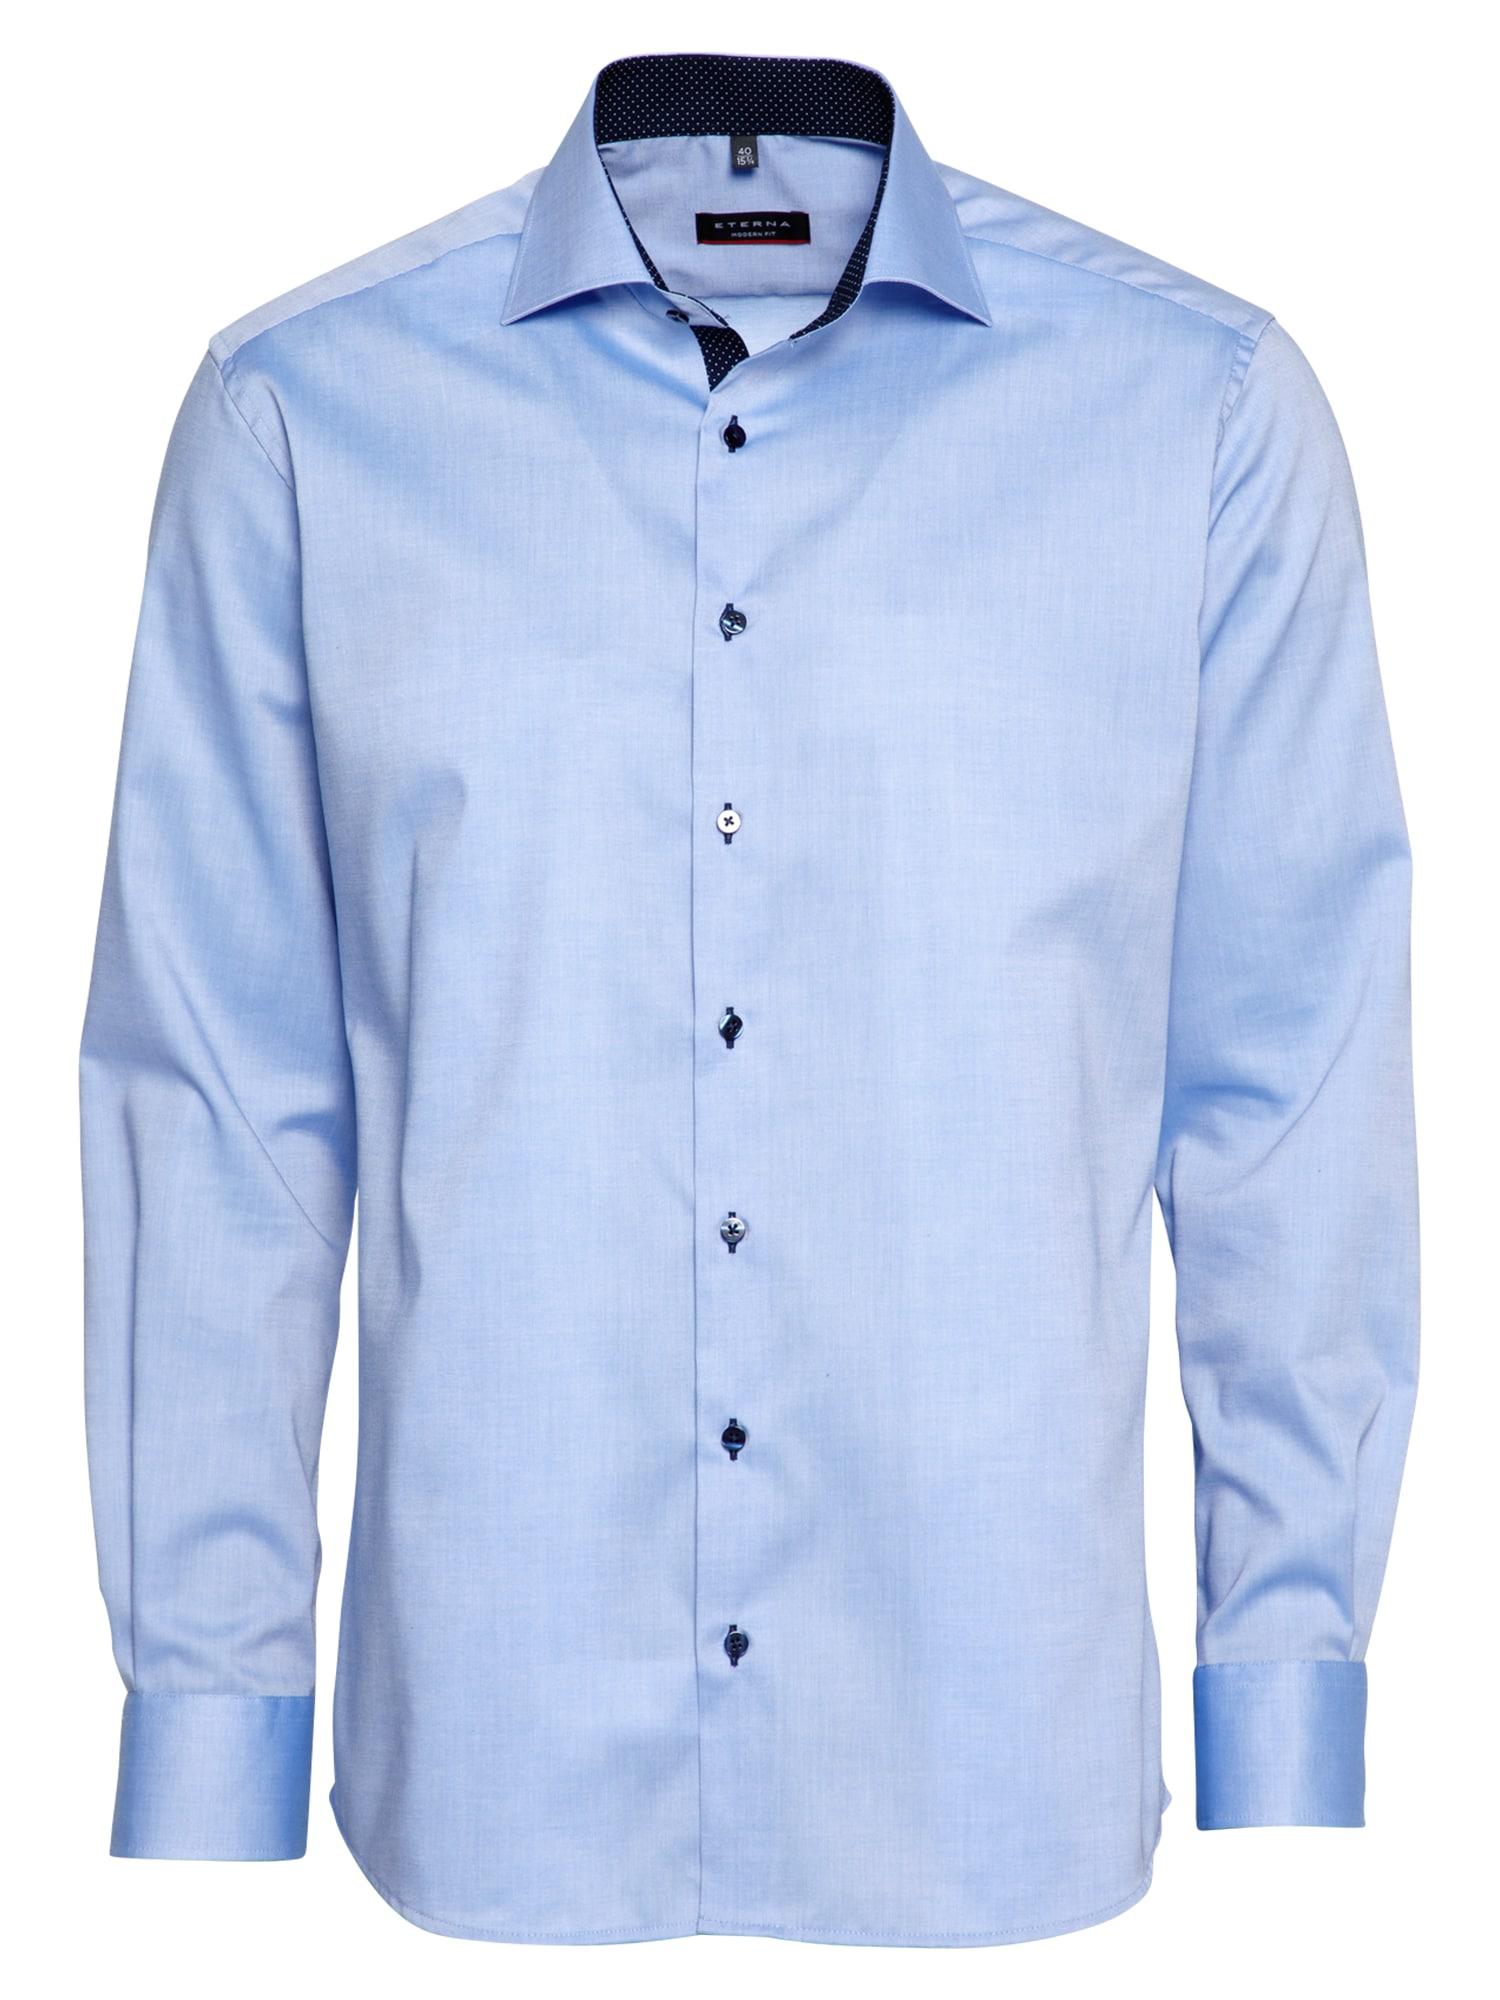 ETERNA Dalykinio stiliaus marškiniai